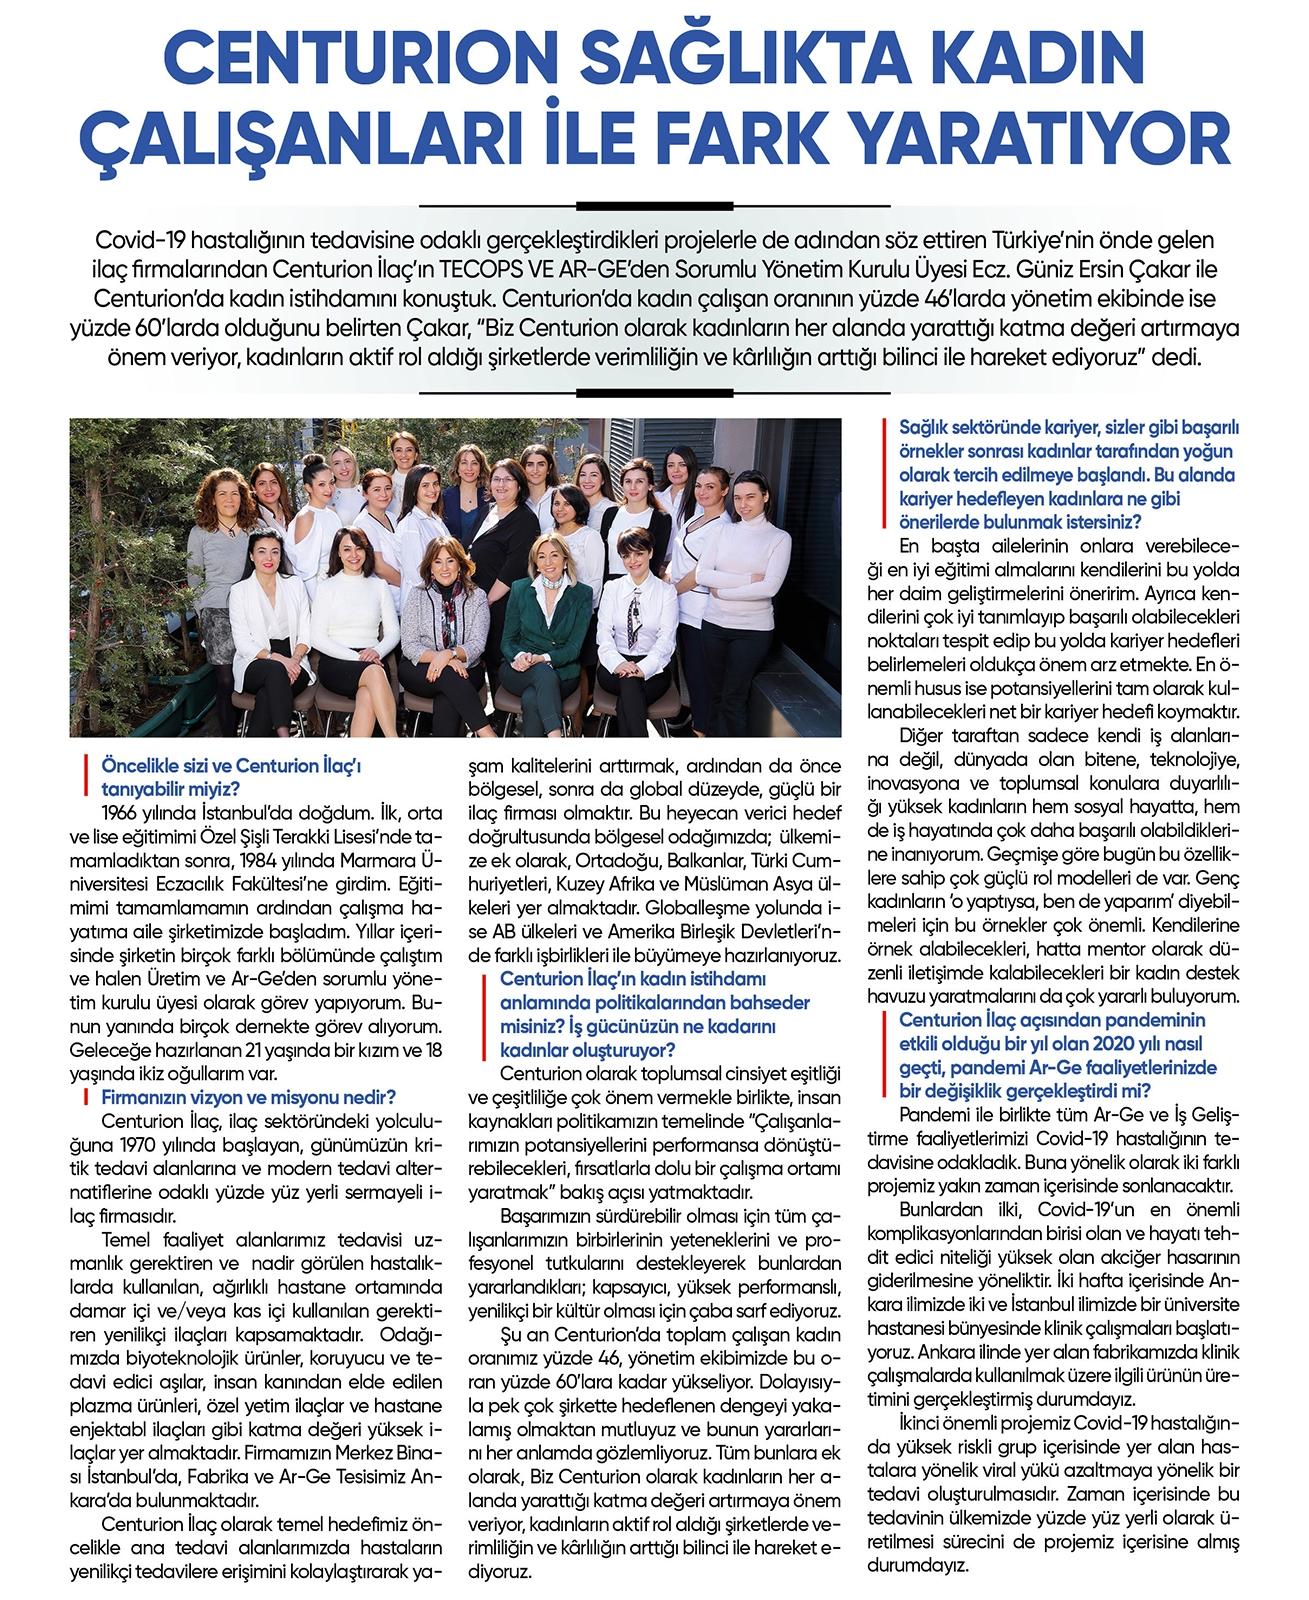 CENTURION Sağlıkta Kadın Çalışanları ile Fark Yaratıyor